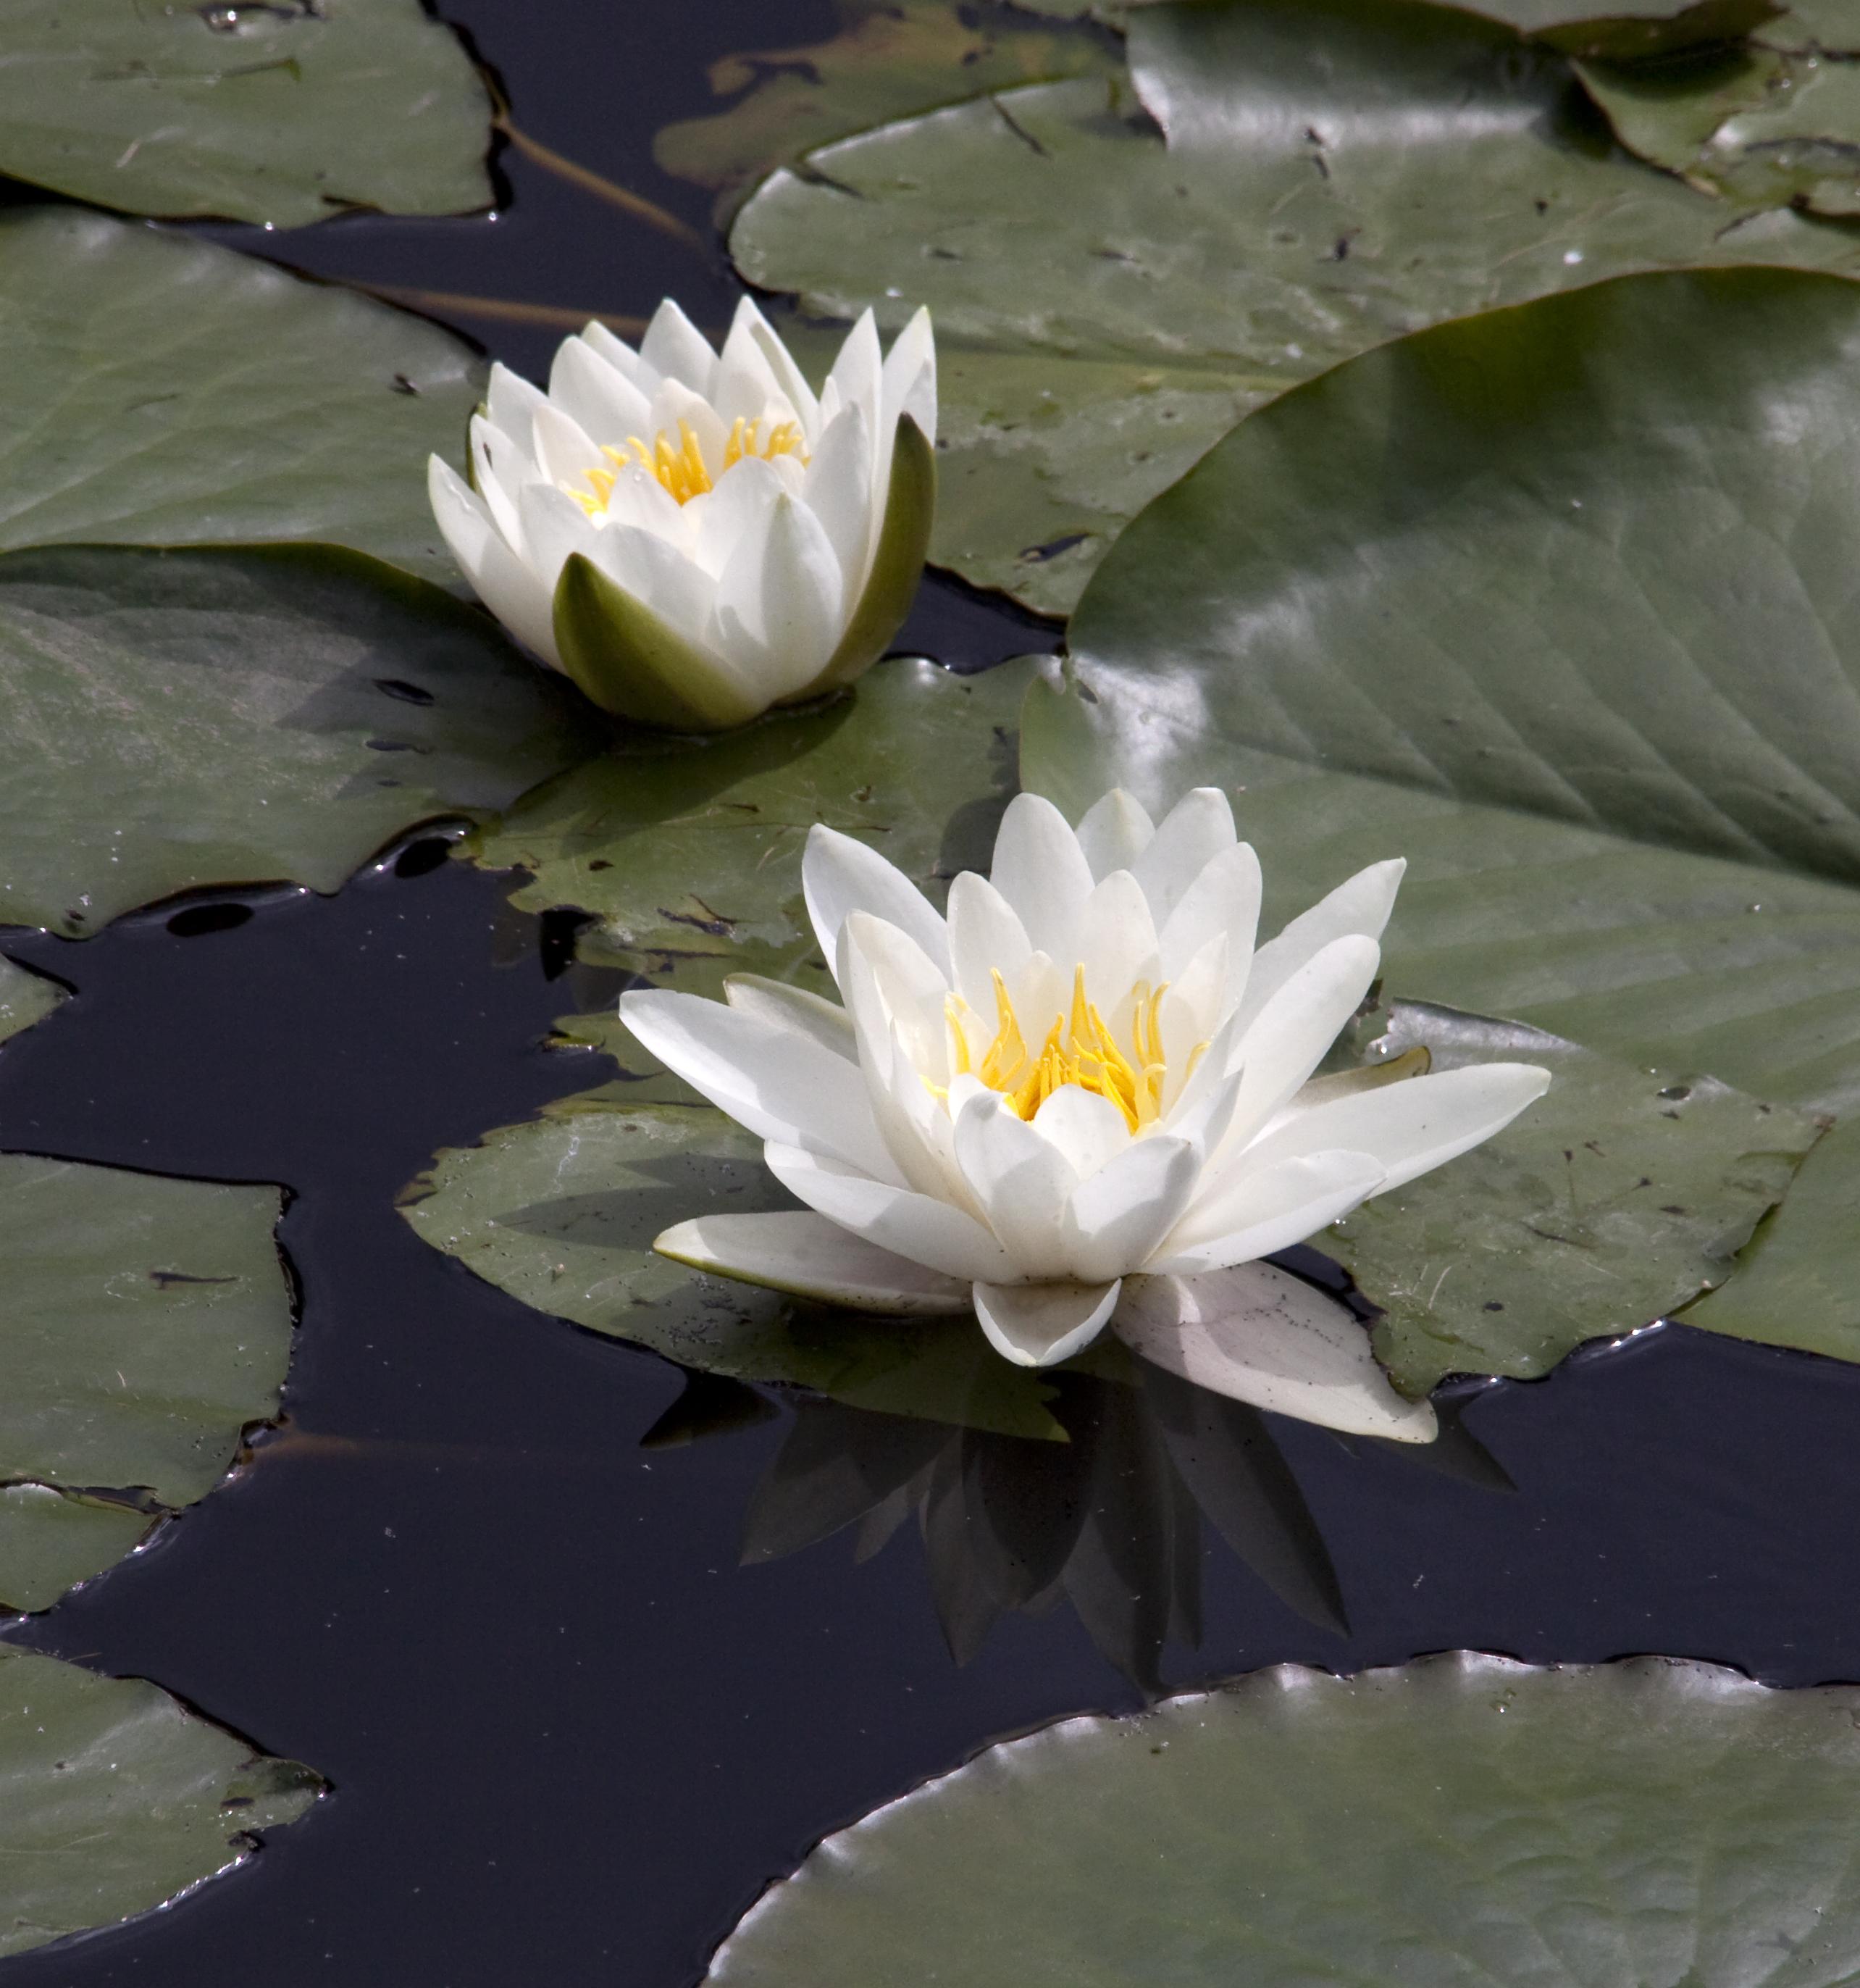 3701013061 Ff13acdb43 O British Flora